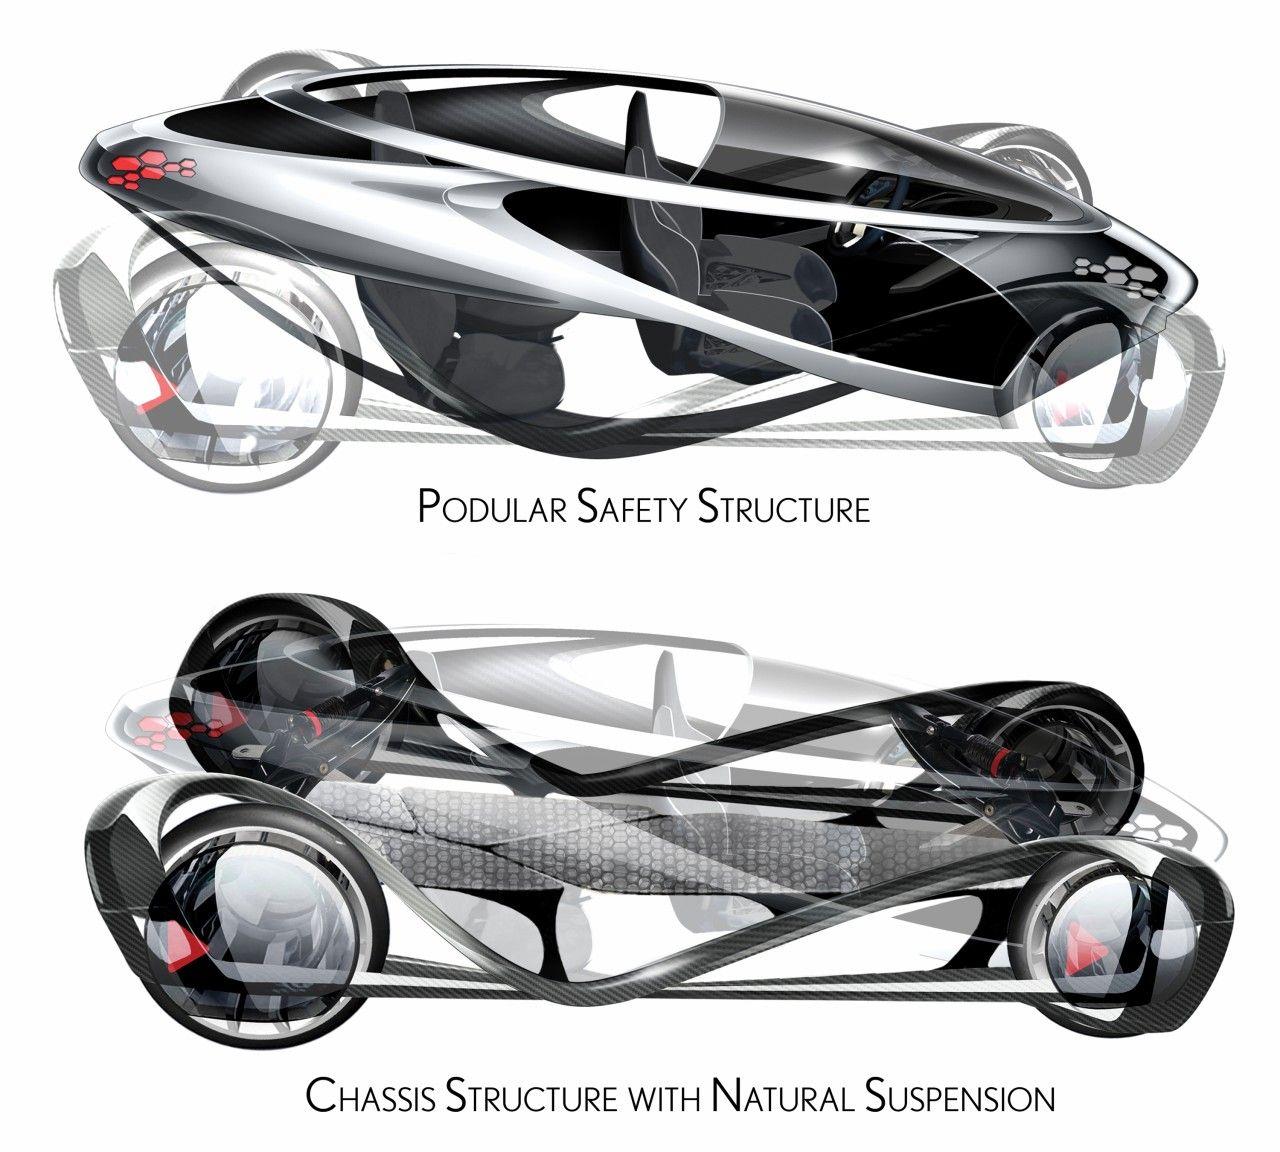 LA-Auto-Design-Toyota-NORI-body-structure.jpg 1.280×1.152 pixels ...